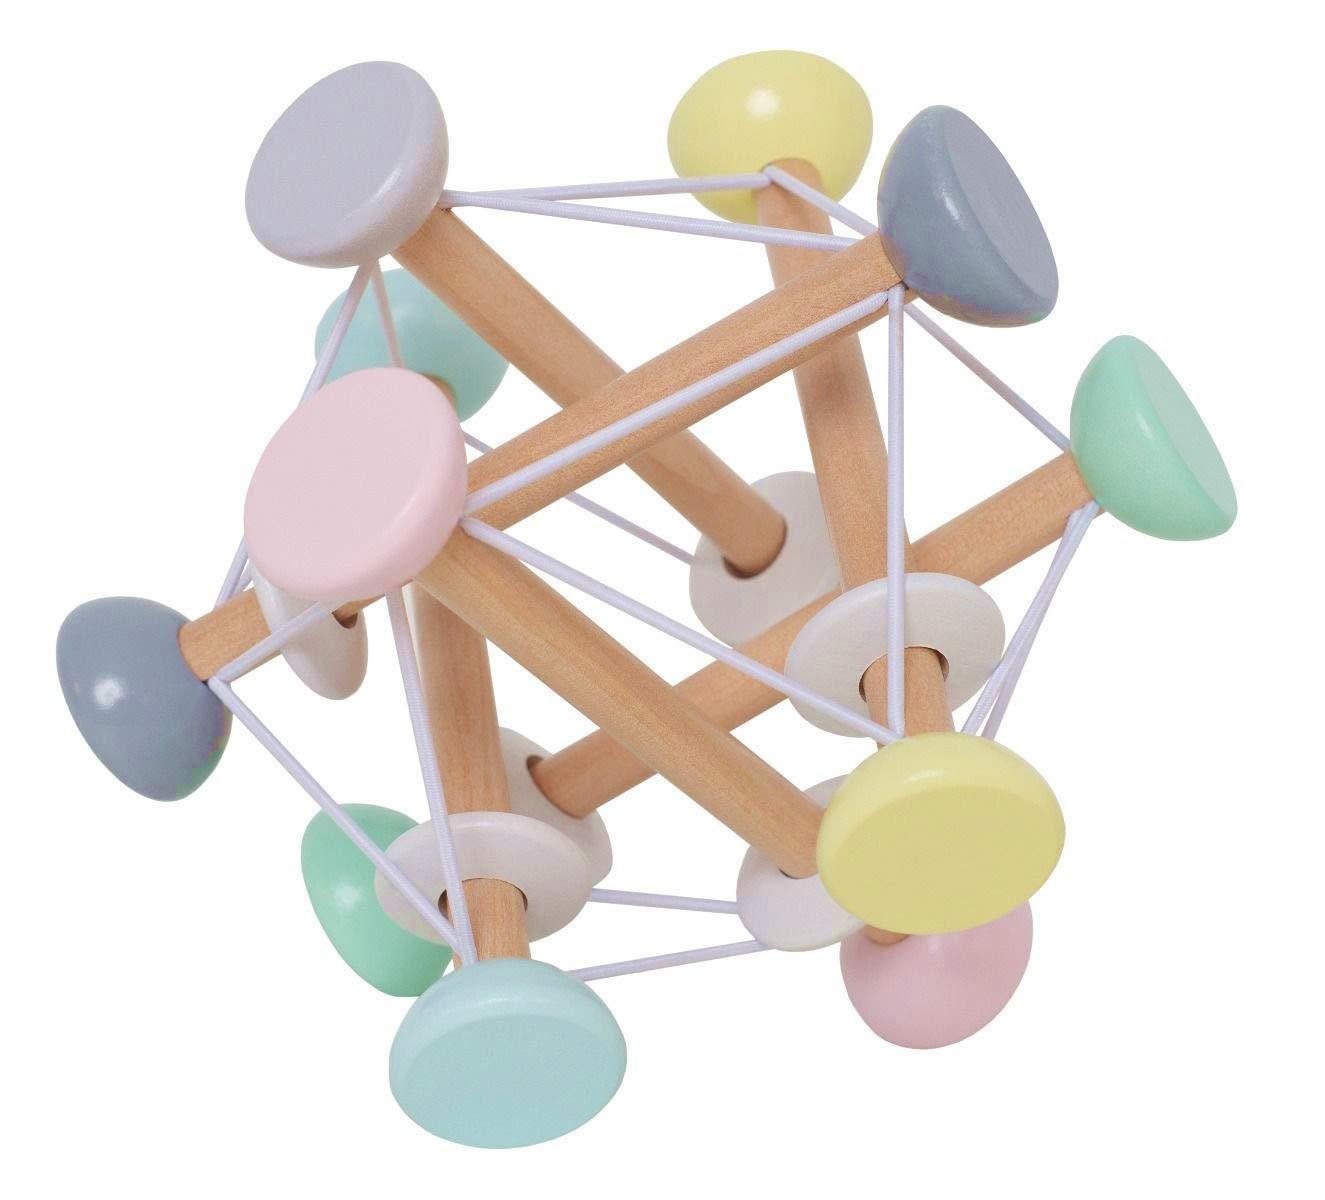 LS-Design Holz Motorik W/ürfel 16cm Magic-Ball Activity Spielzeug Spielw/ürfel